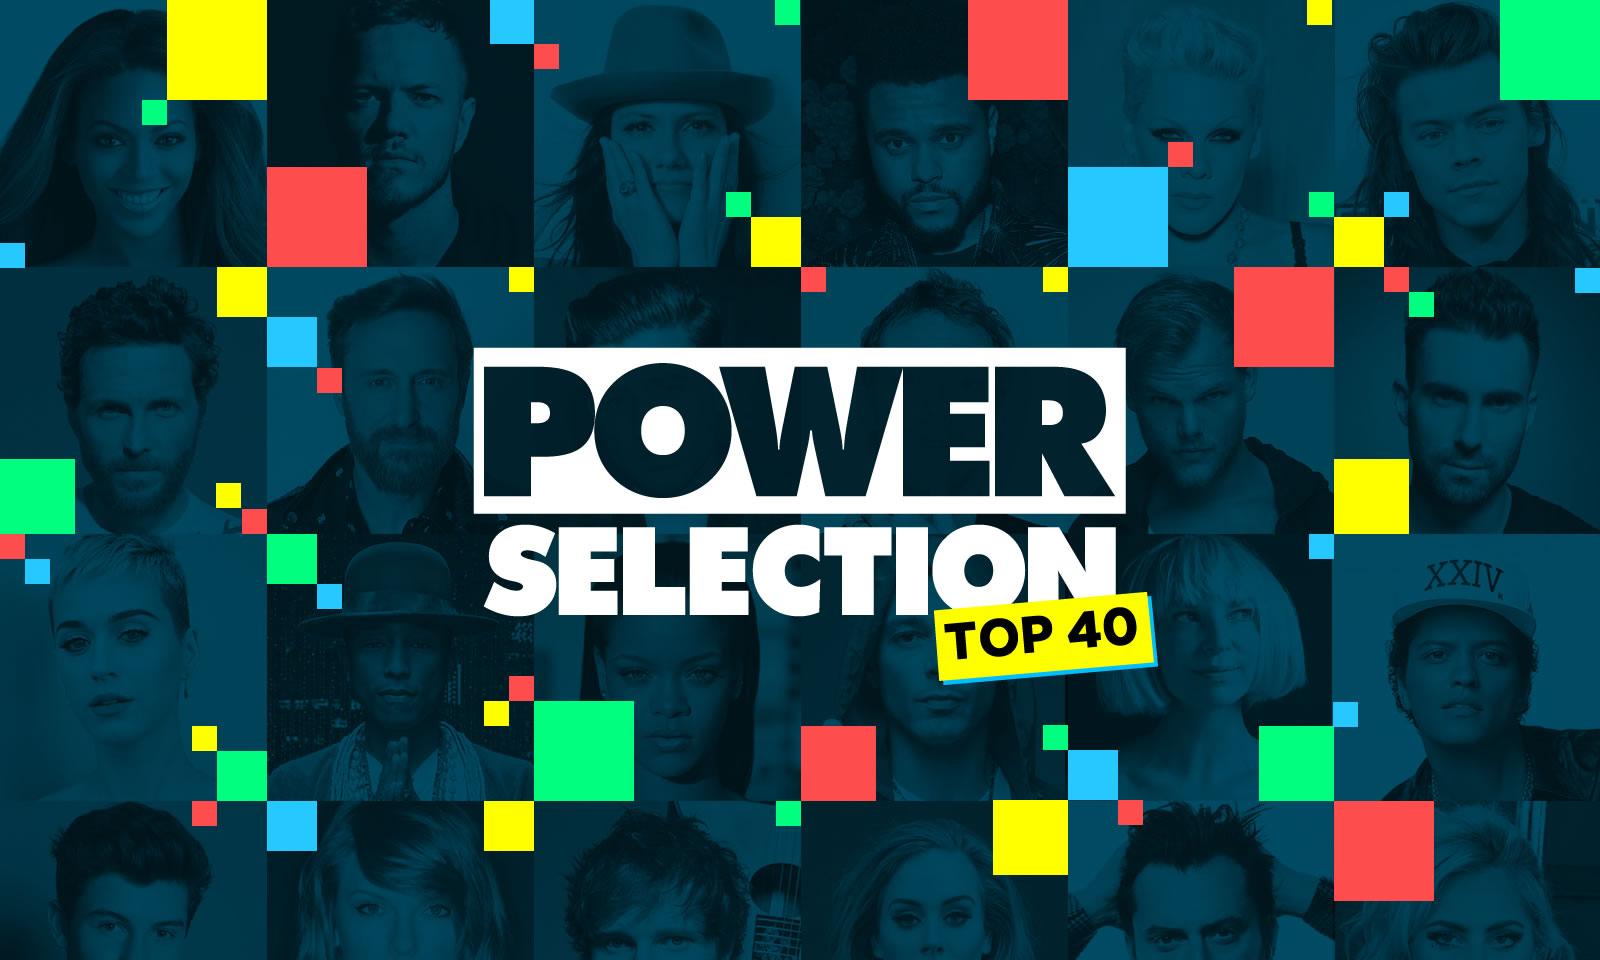 power_selection_top_40_1600_2017_radio_globo